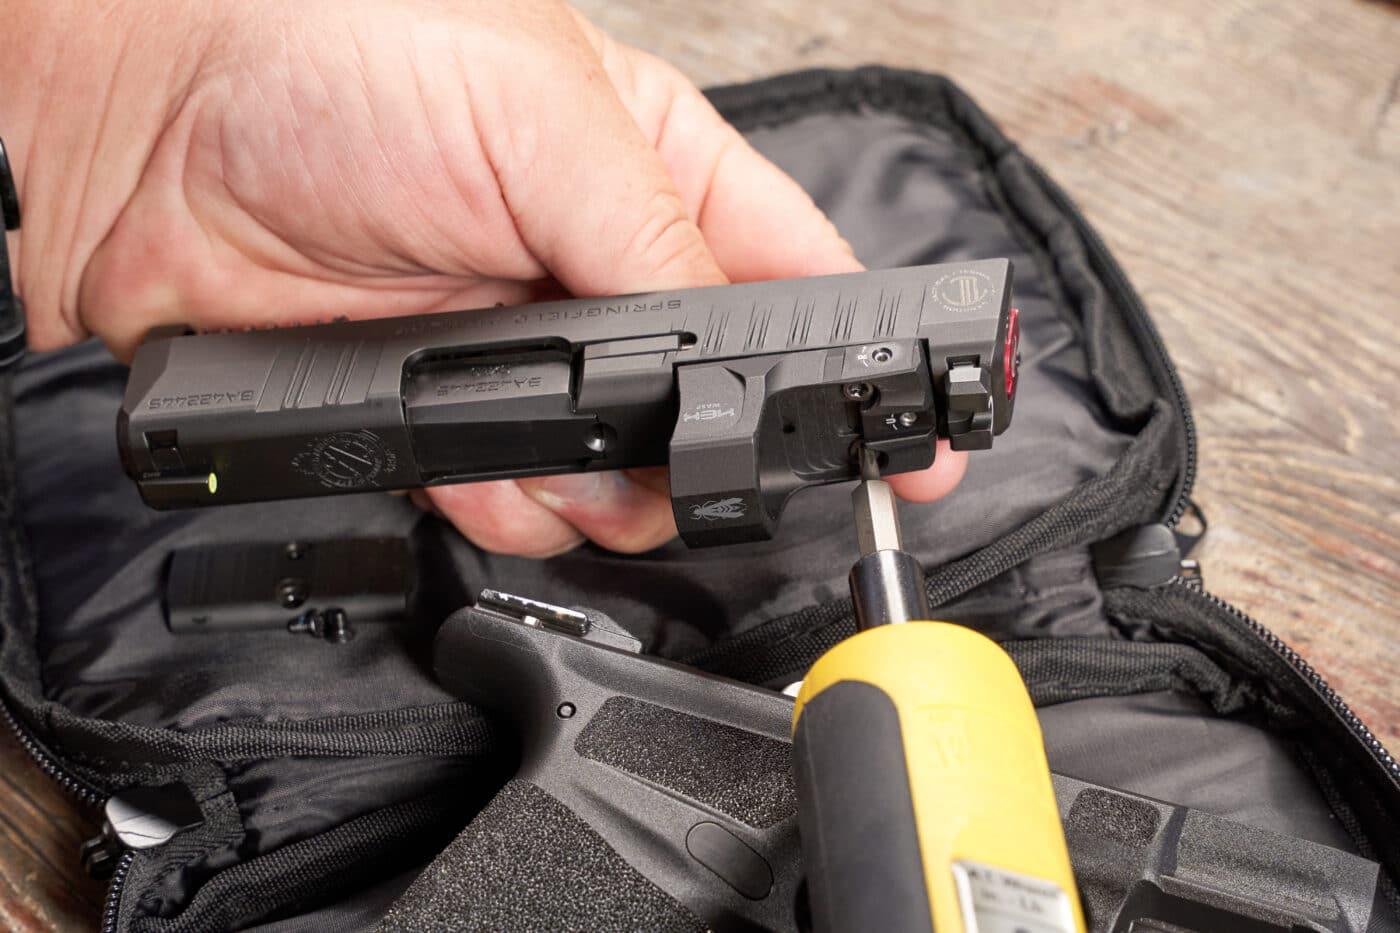 Attaching a red dot to a LTT Hellcat pistol